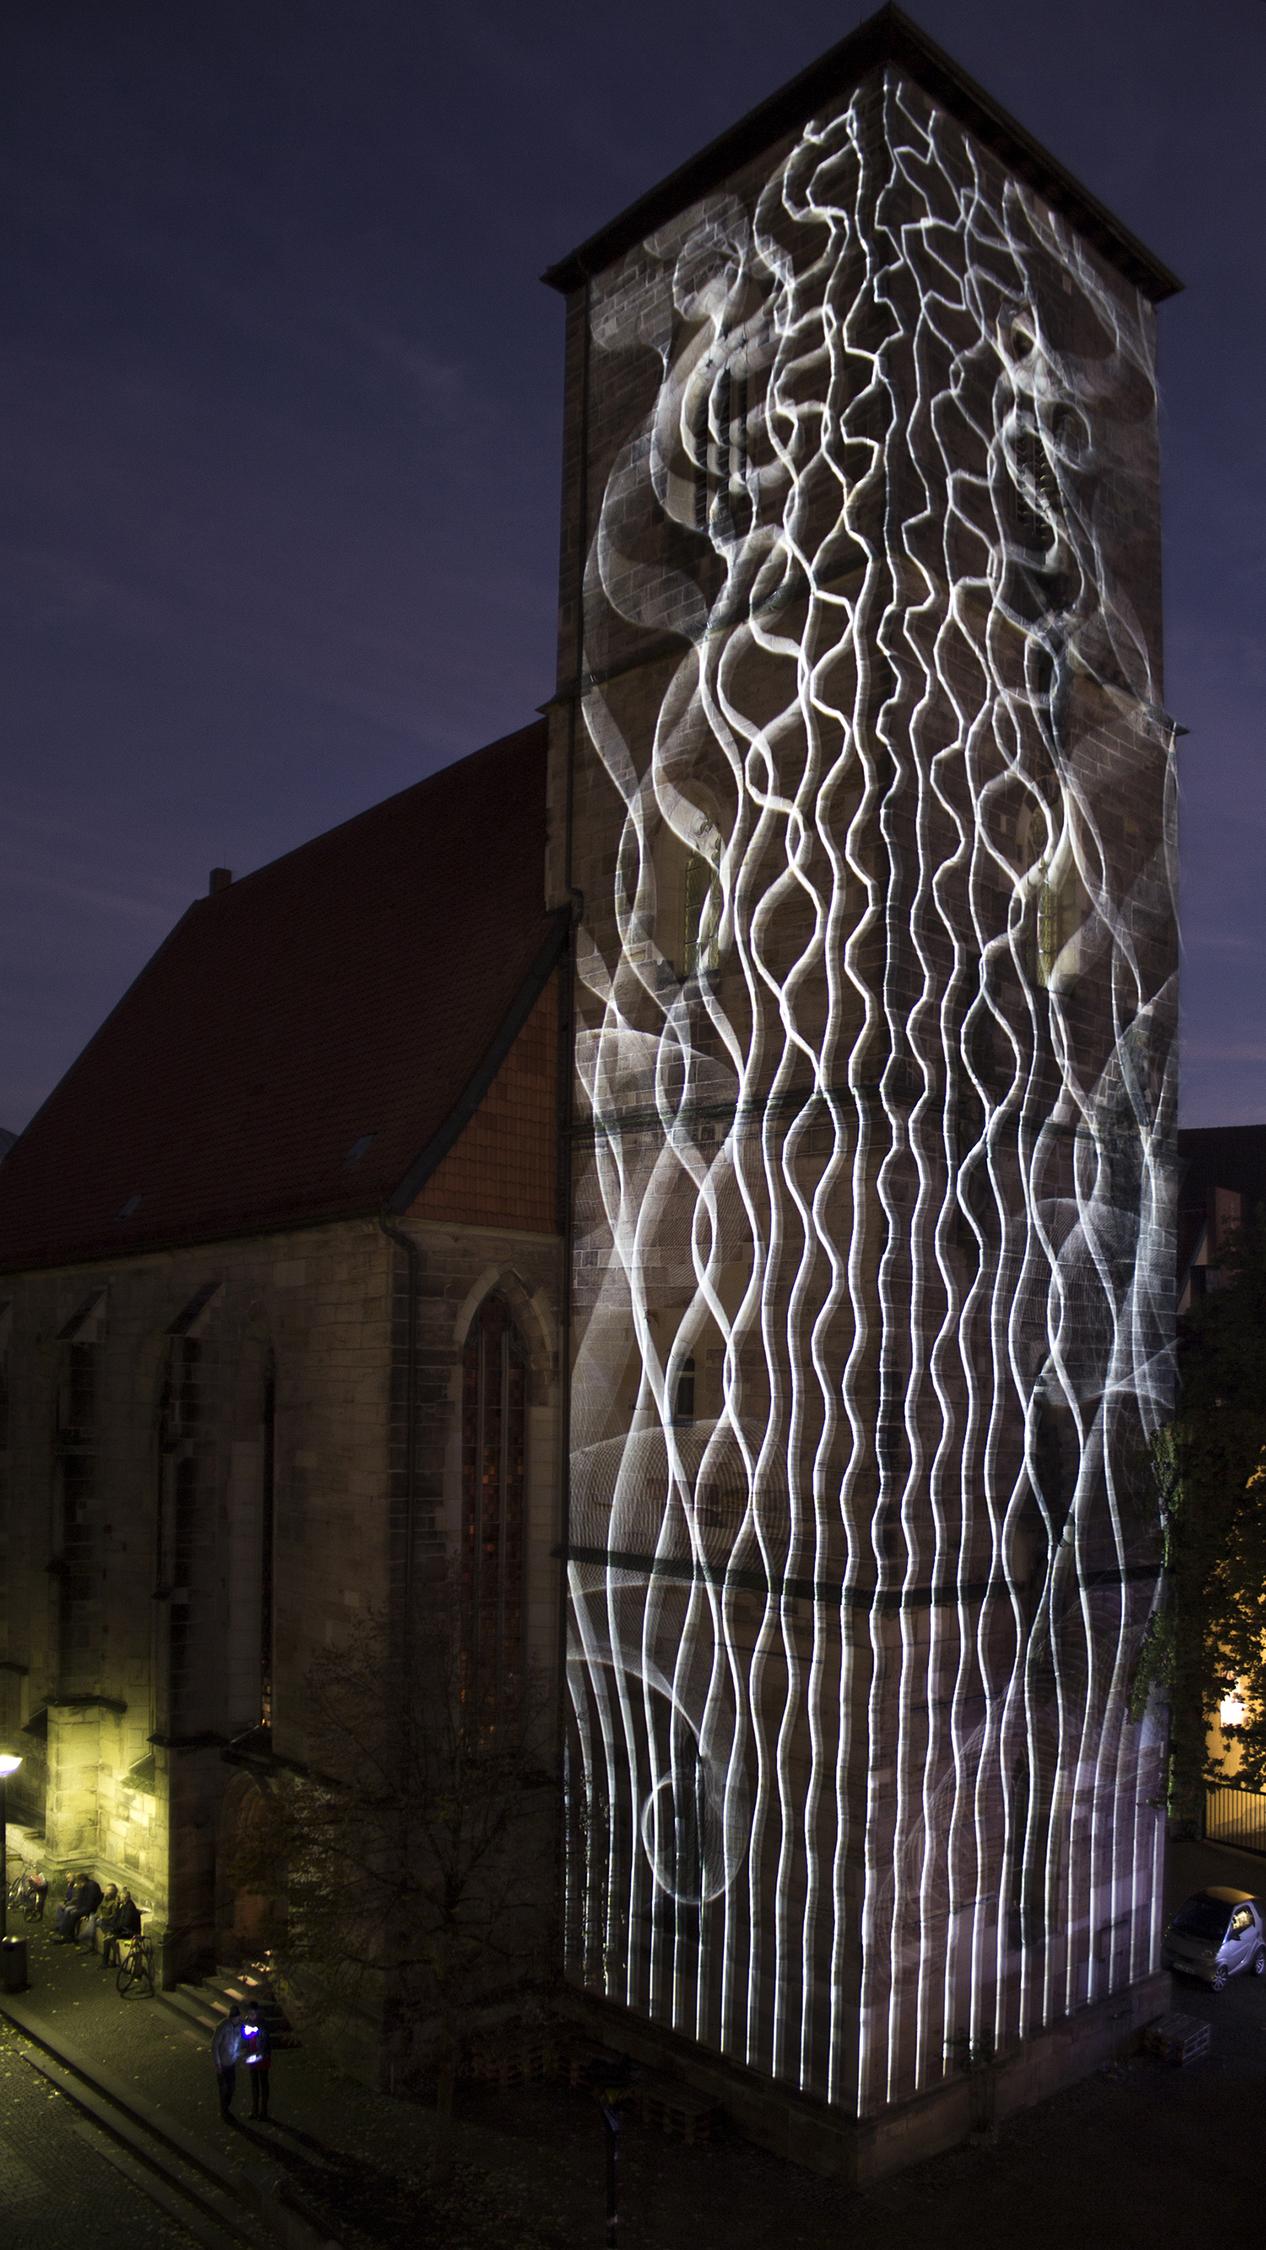 Lichtungen Festival, Hildesheim/Germany